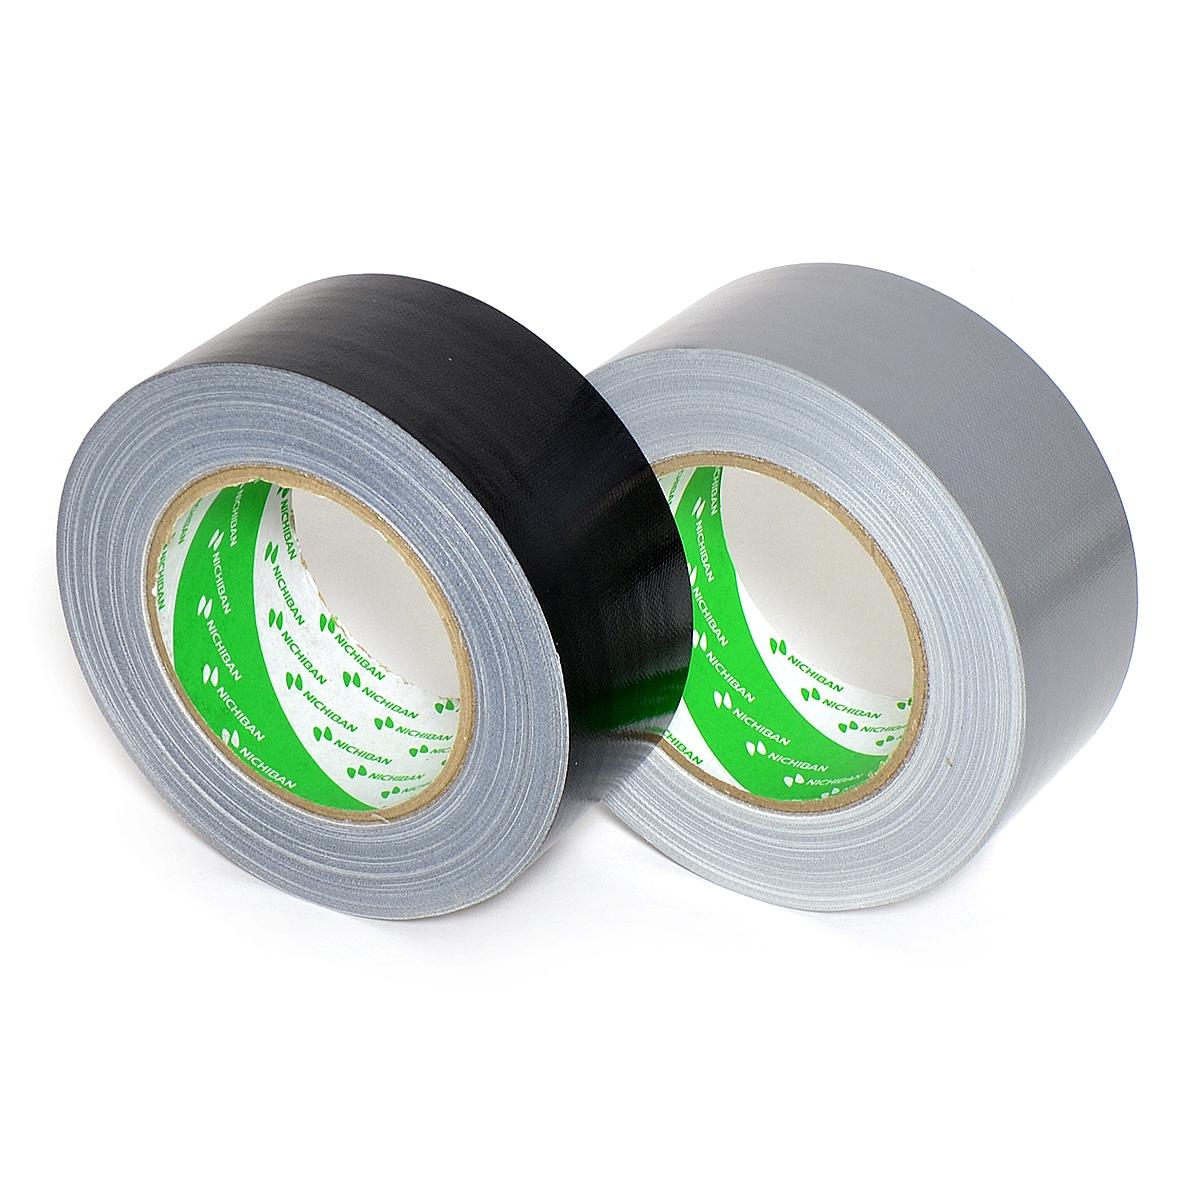 Nichiban - Duct tape - 50mm x 25m - Zwart / Zilver - 2 pack